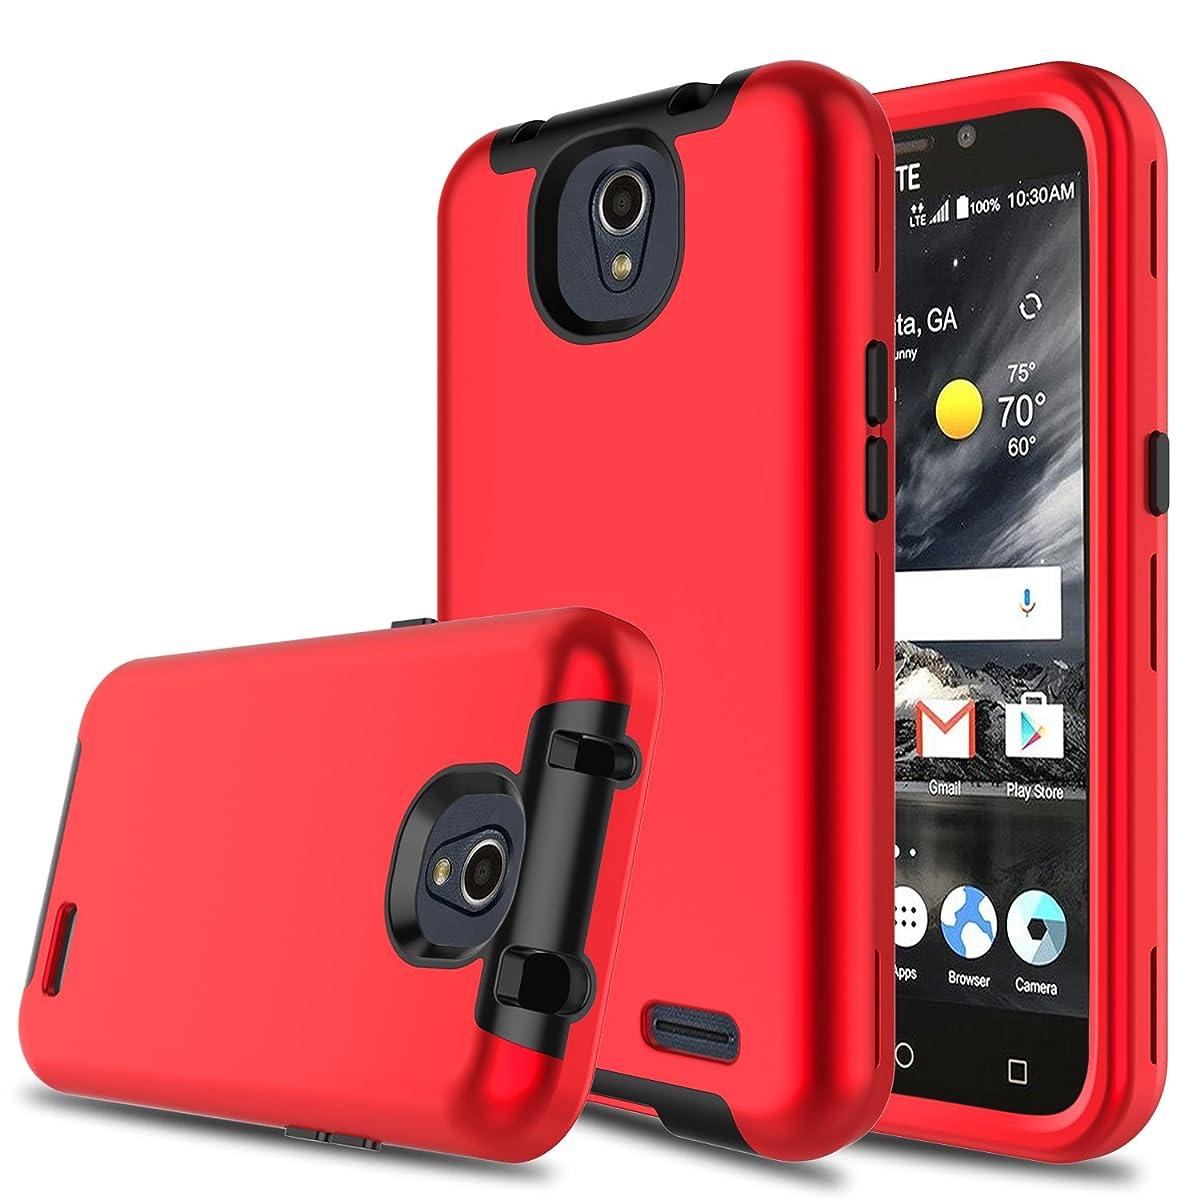 Innens Compatible with ZTE Maven 3 Case, ZTE Z835 Case, ZTE Prestige 2 Case, 3-in-1 [TPU + Dual Layer PC] Shockproof Rugged Protective Case Compatible with ZTE Overture 3/Prelude Plus (Red)